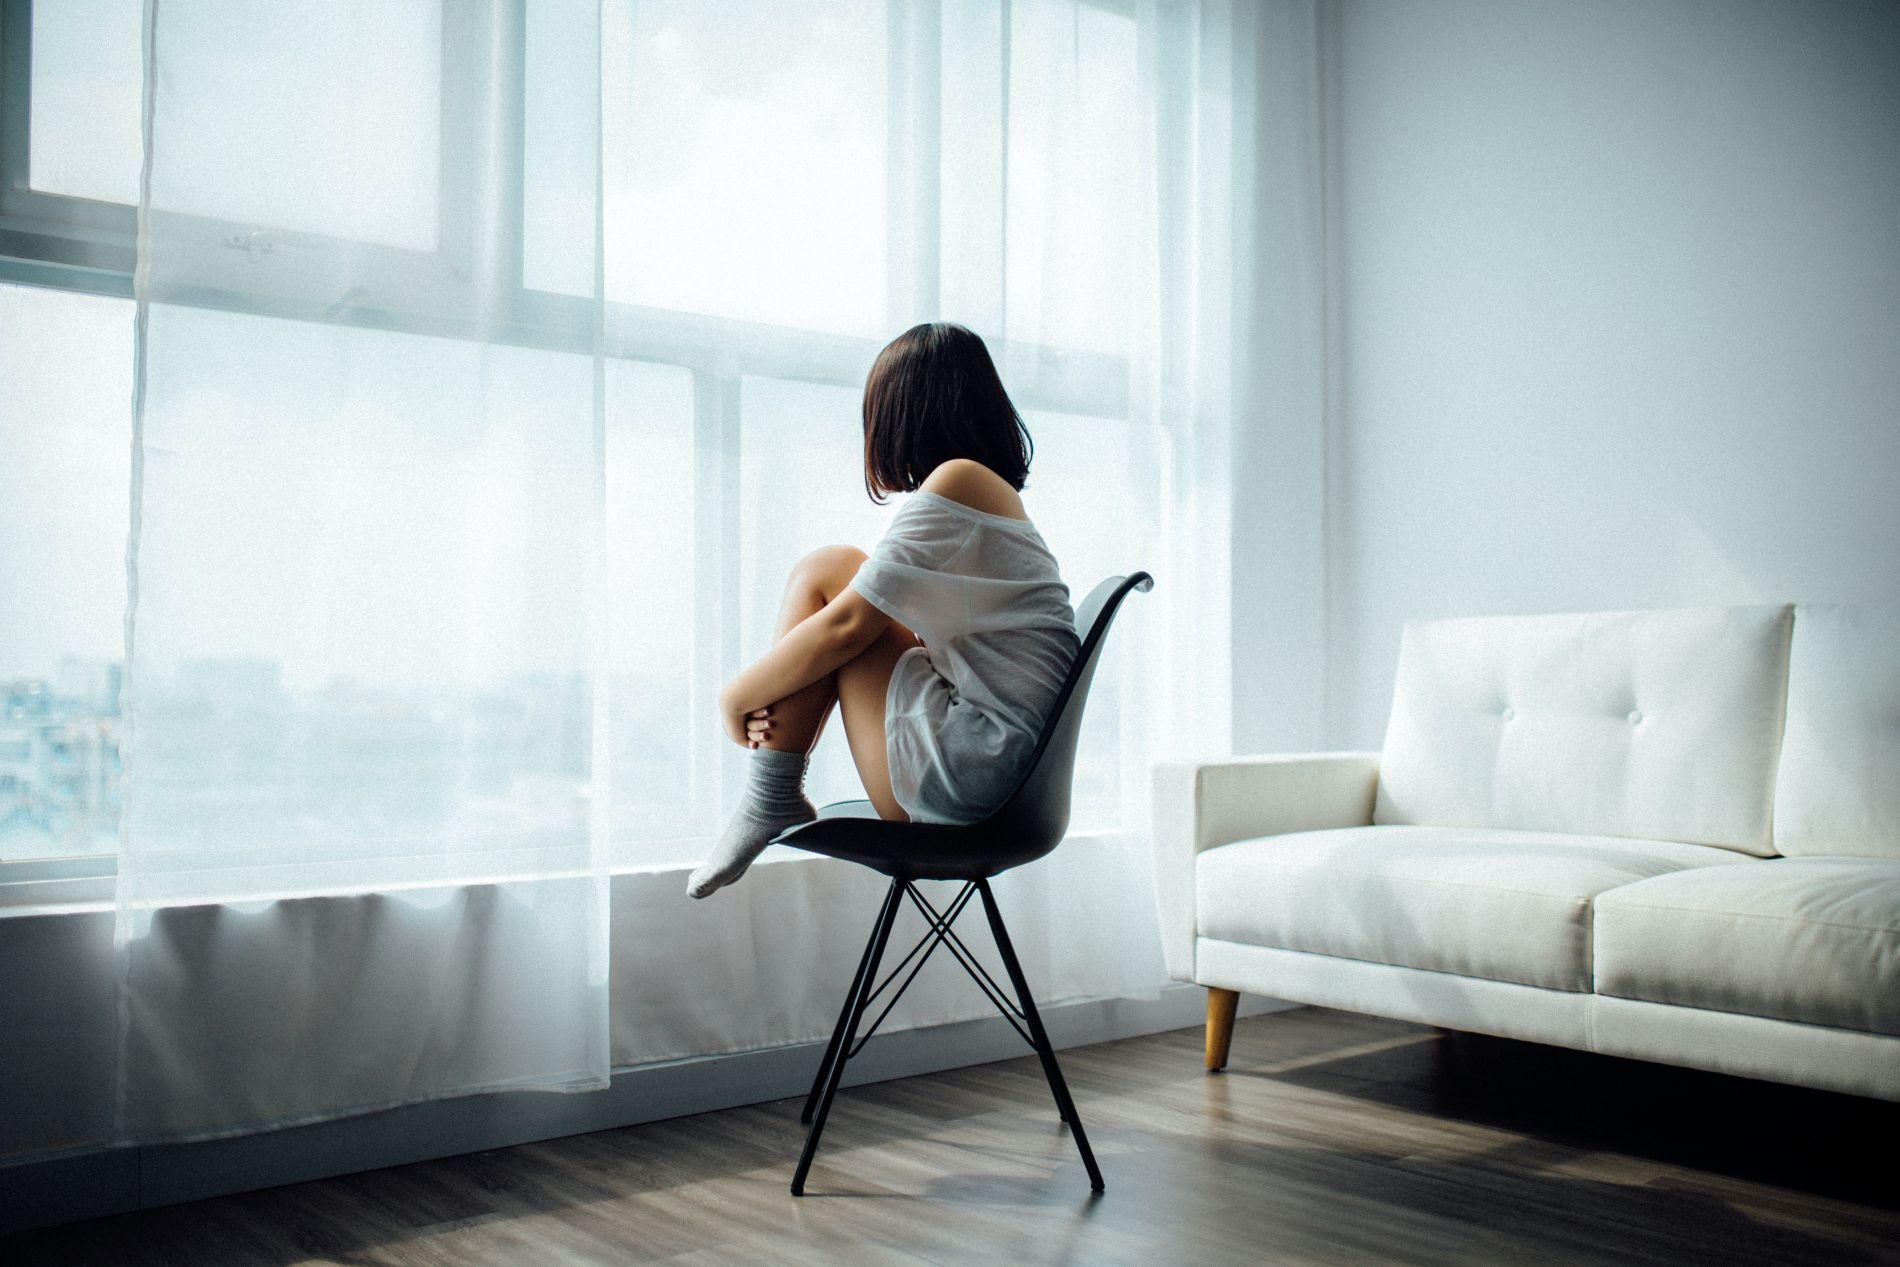 samoća, usamljenost